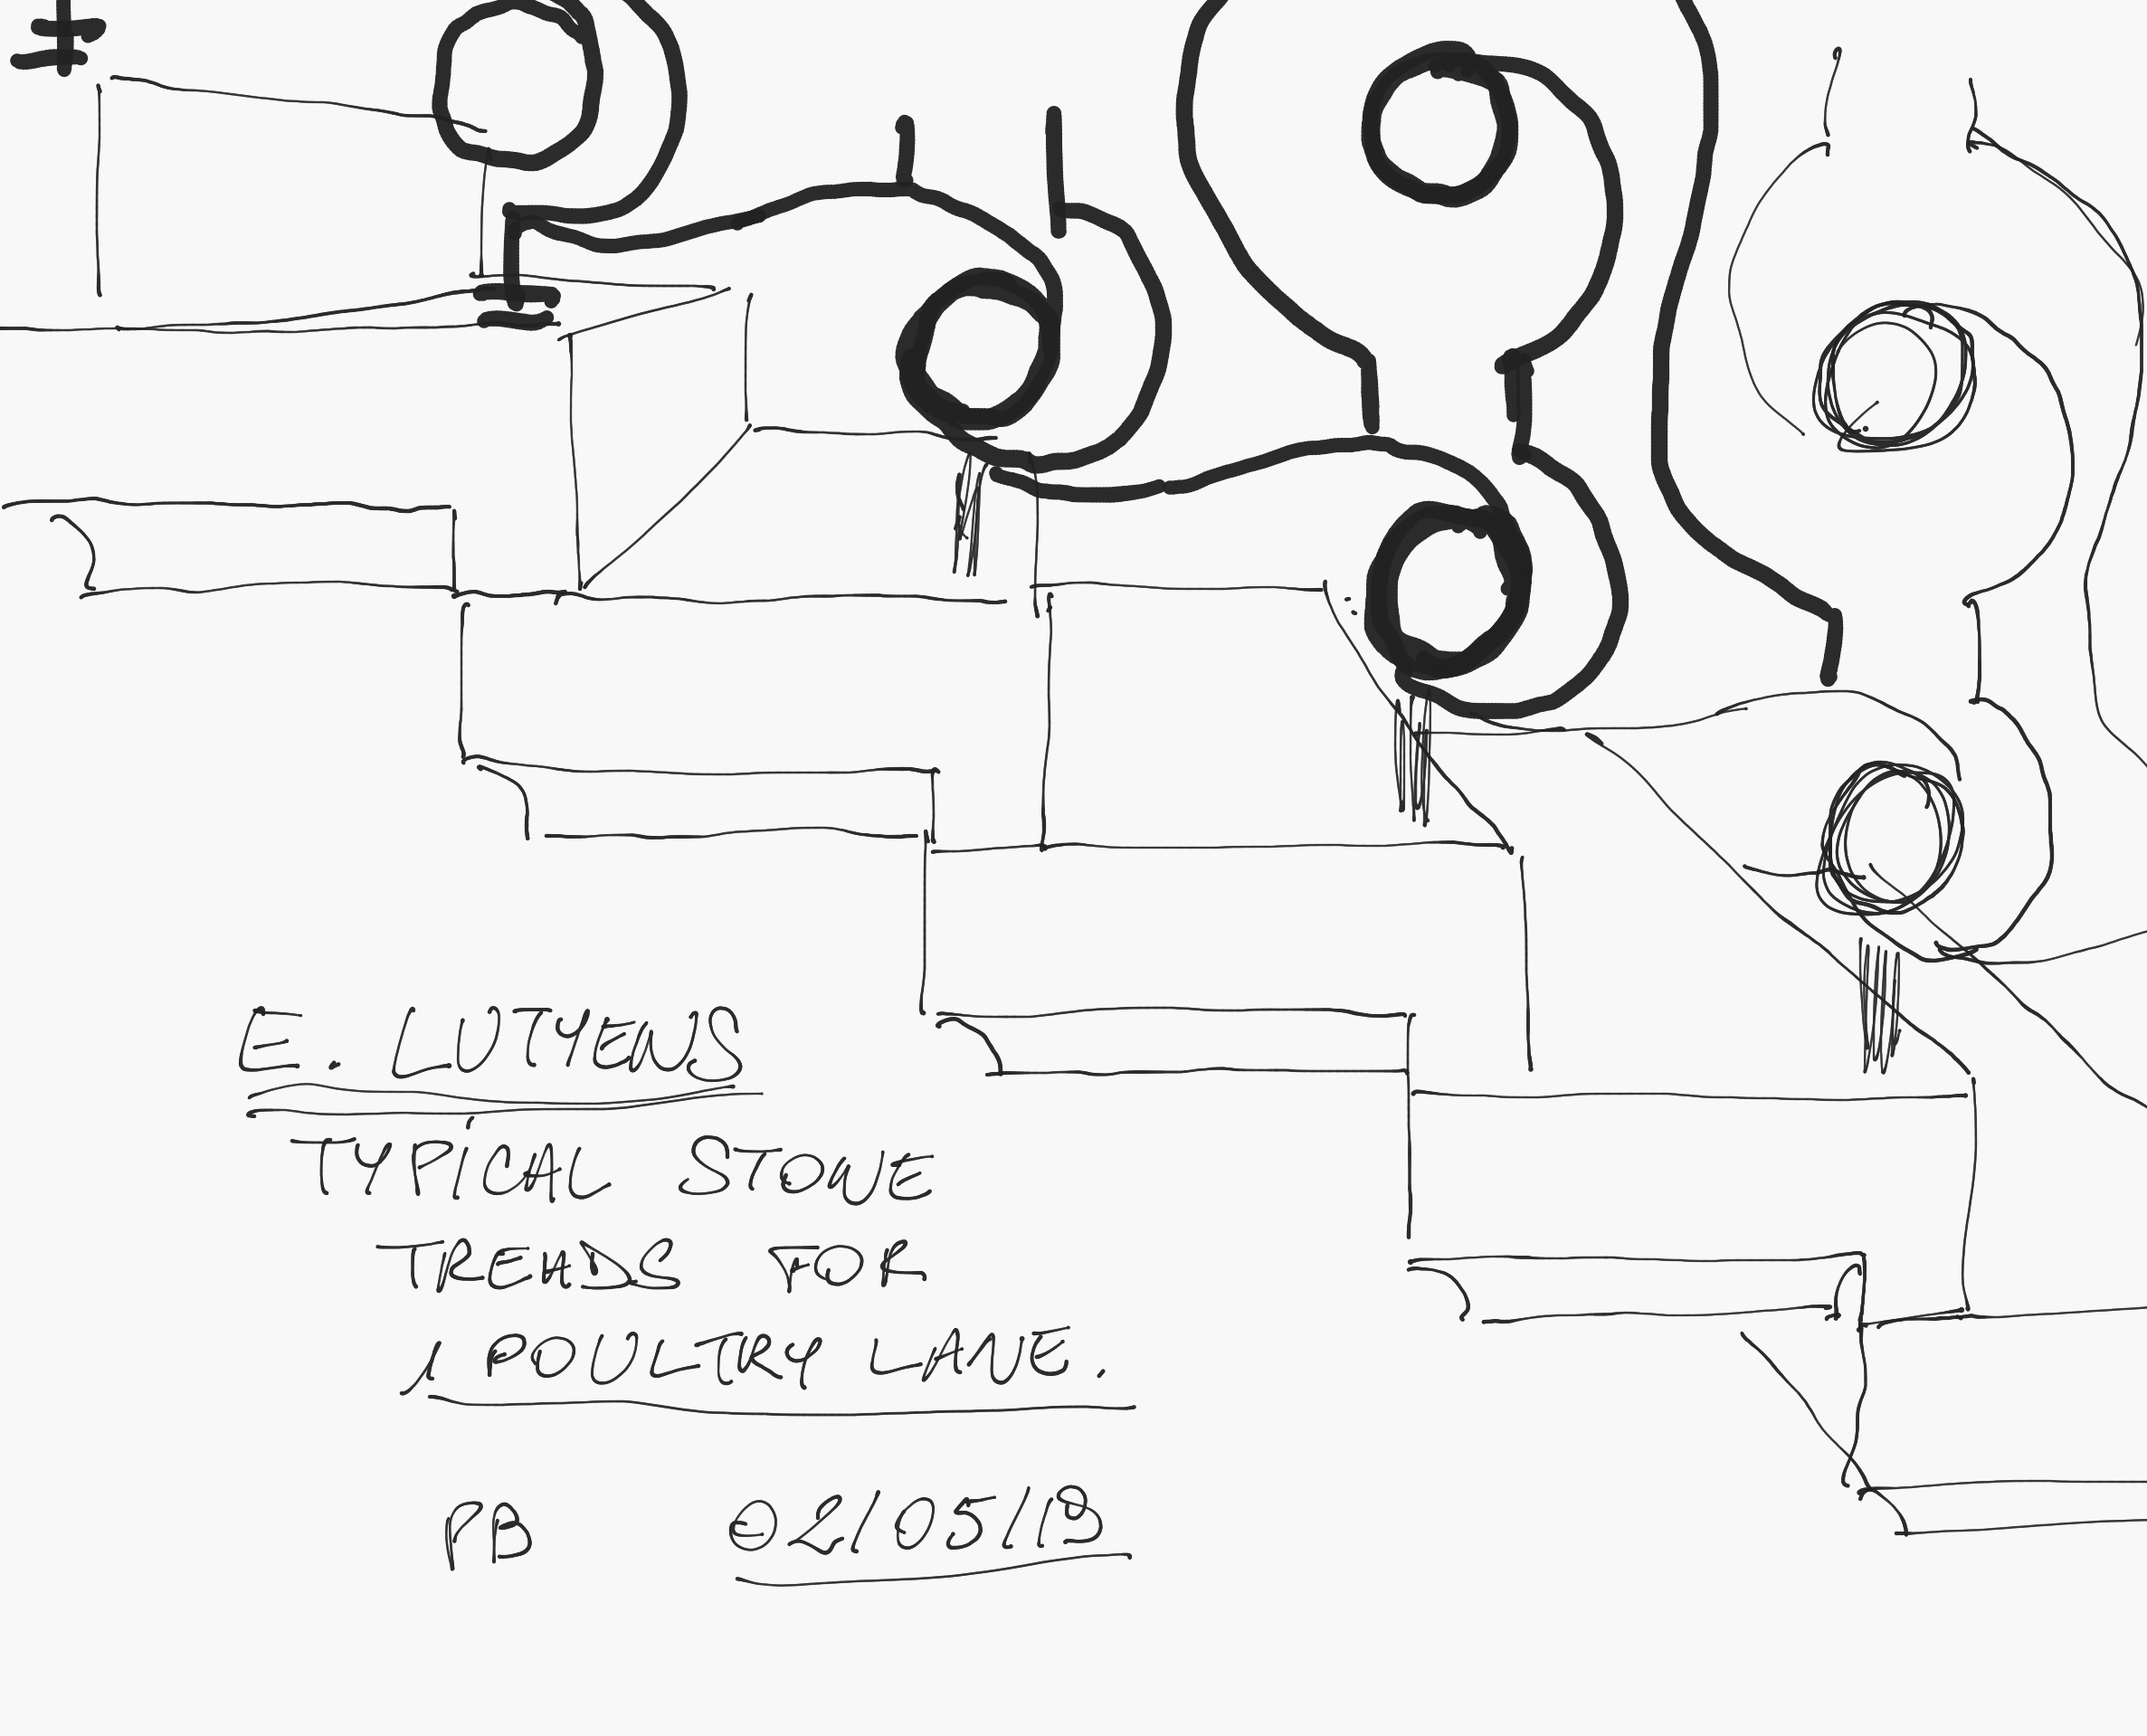 3) Poultry Lane Stetch 2.jpg